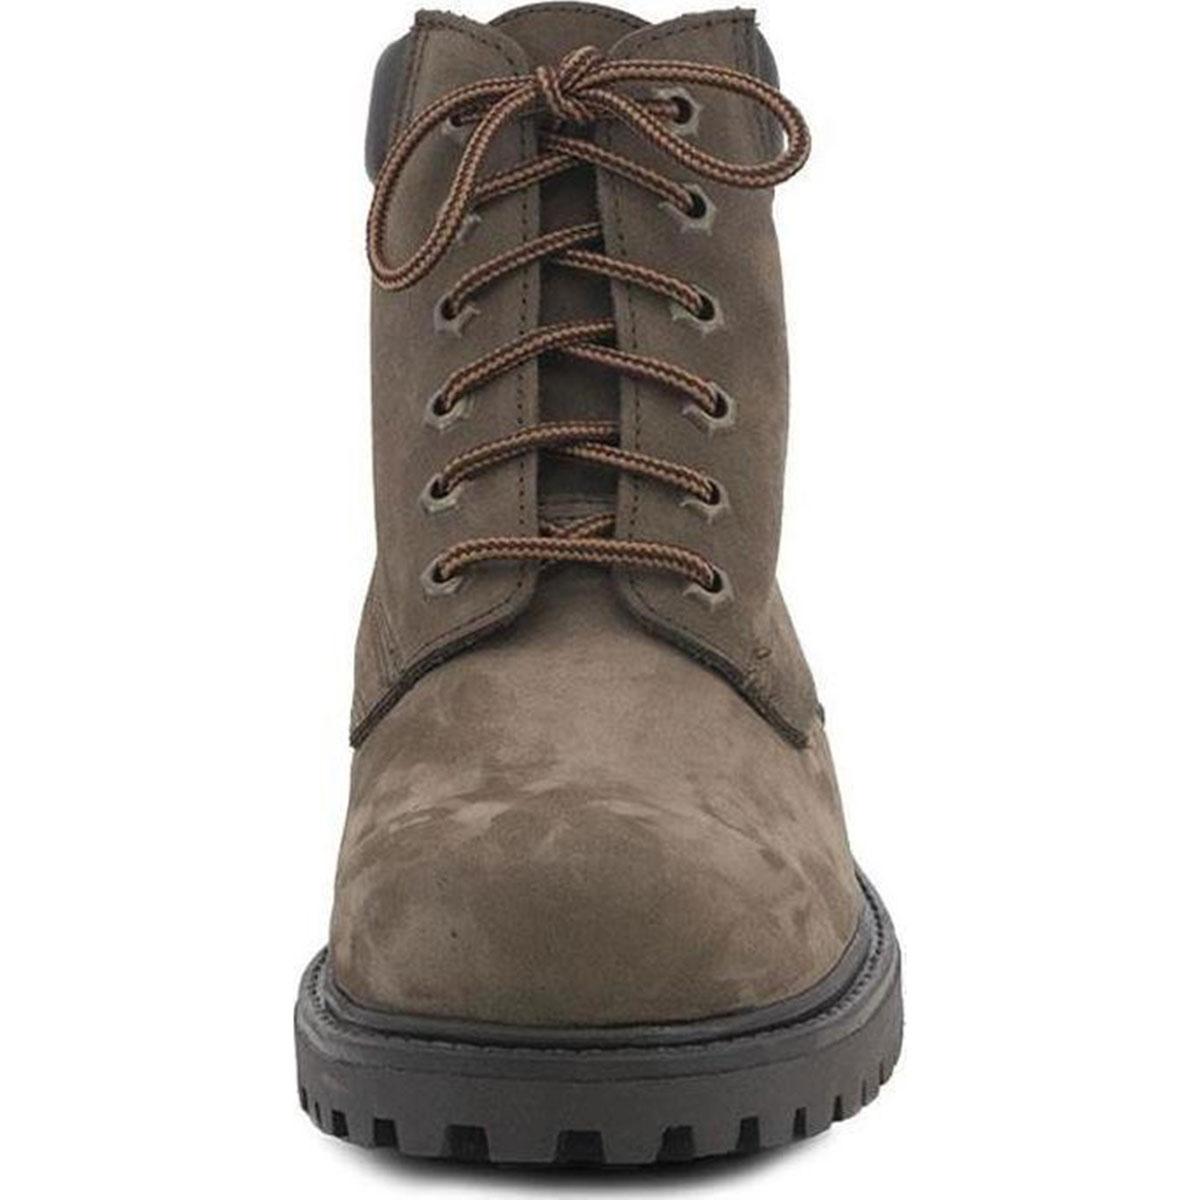 Ανδρικά δετά ορειβατικά μποτάκια BOXER 03204-33-014 πούρο/καφέ